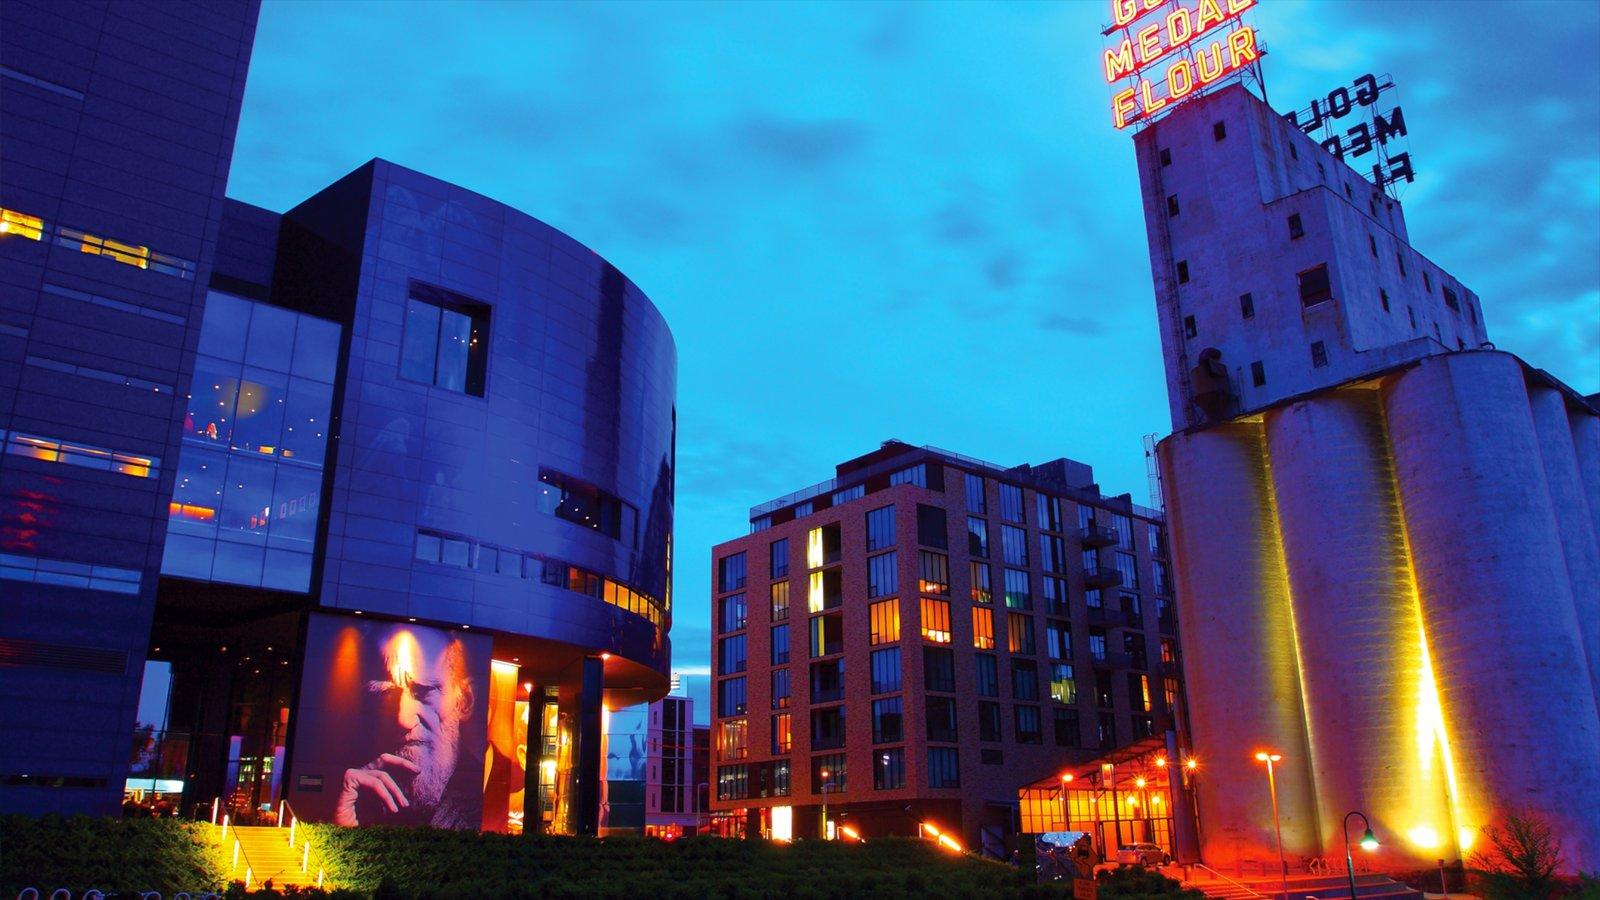 Teatro Guthrie que inclui cenas de teatro, cenas noturnas e um pôr do sol